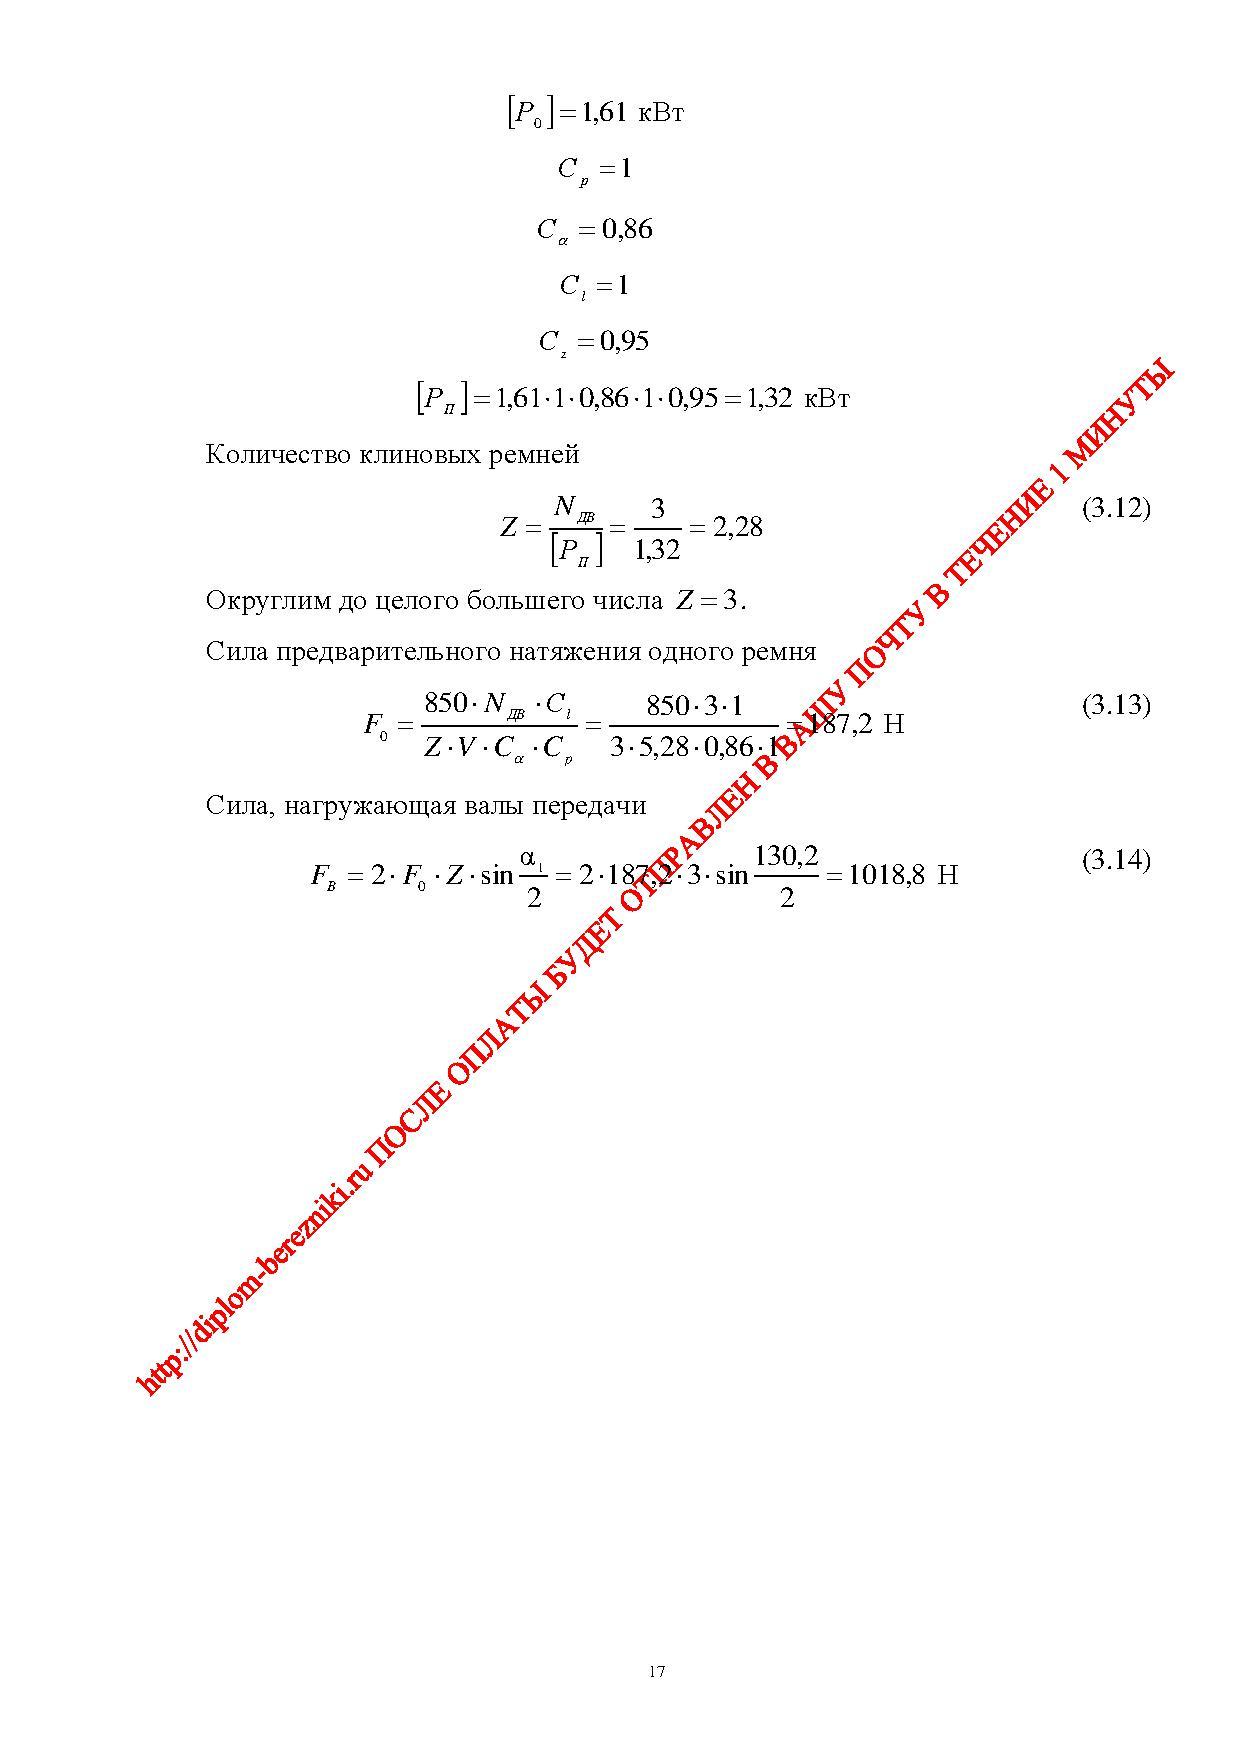 Расчет одноступенчатого редуктора с прямозубой цилиндрической передачей